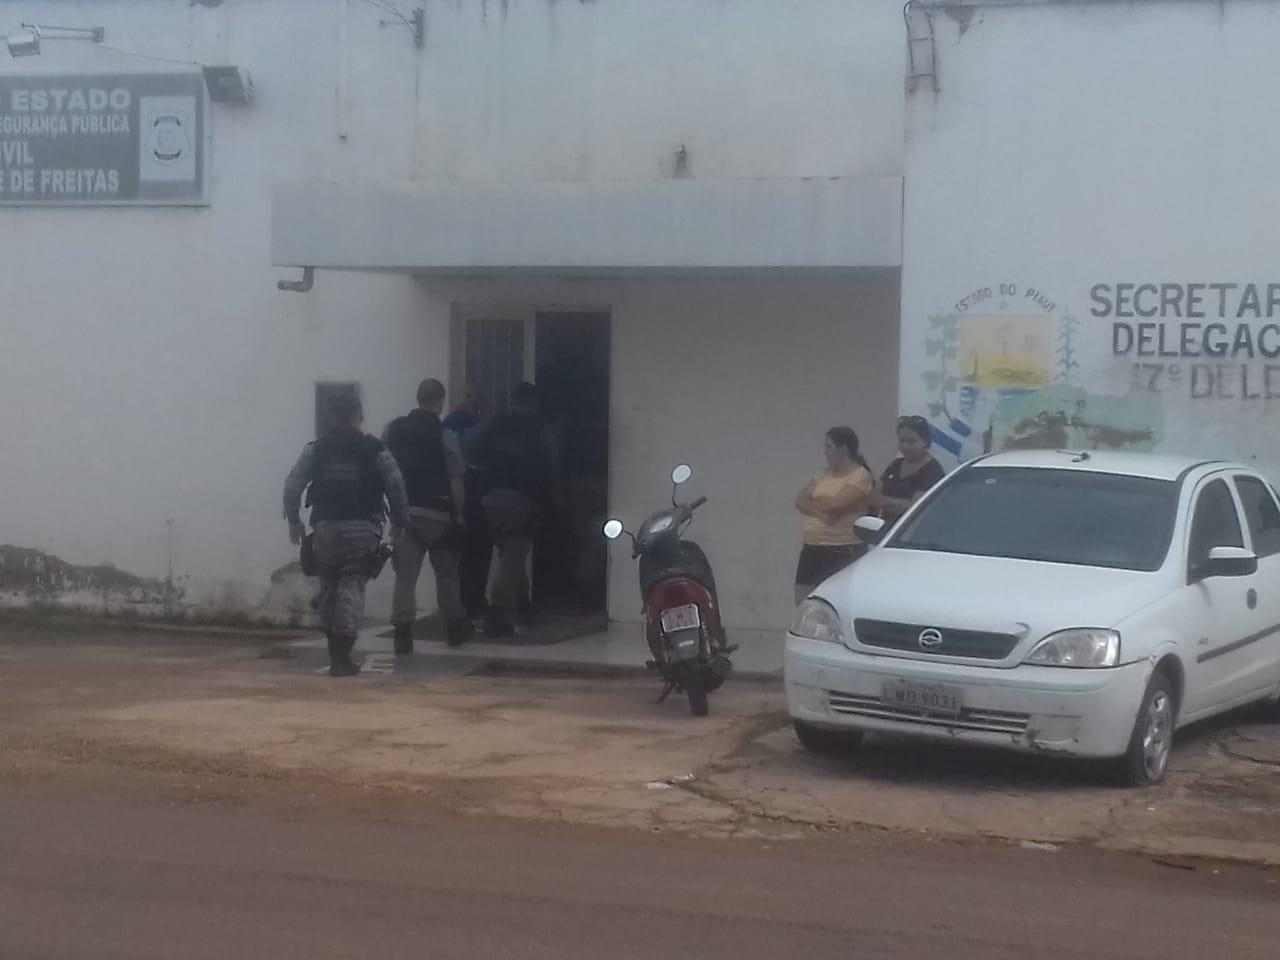 Detento tira a própria vida dentro de cela da Delegacia de José de Freitas